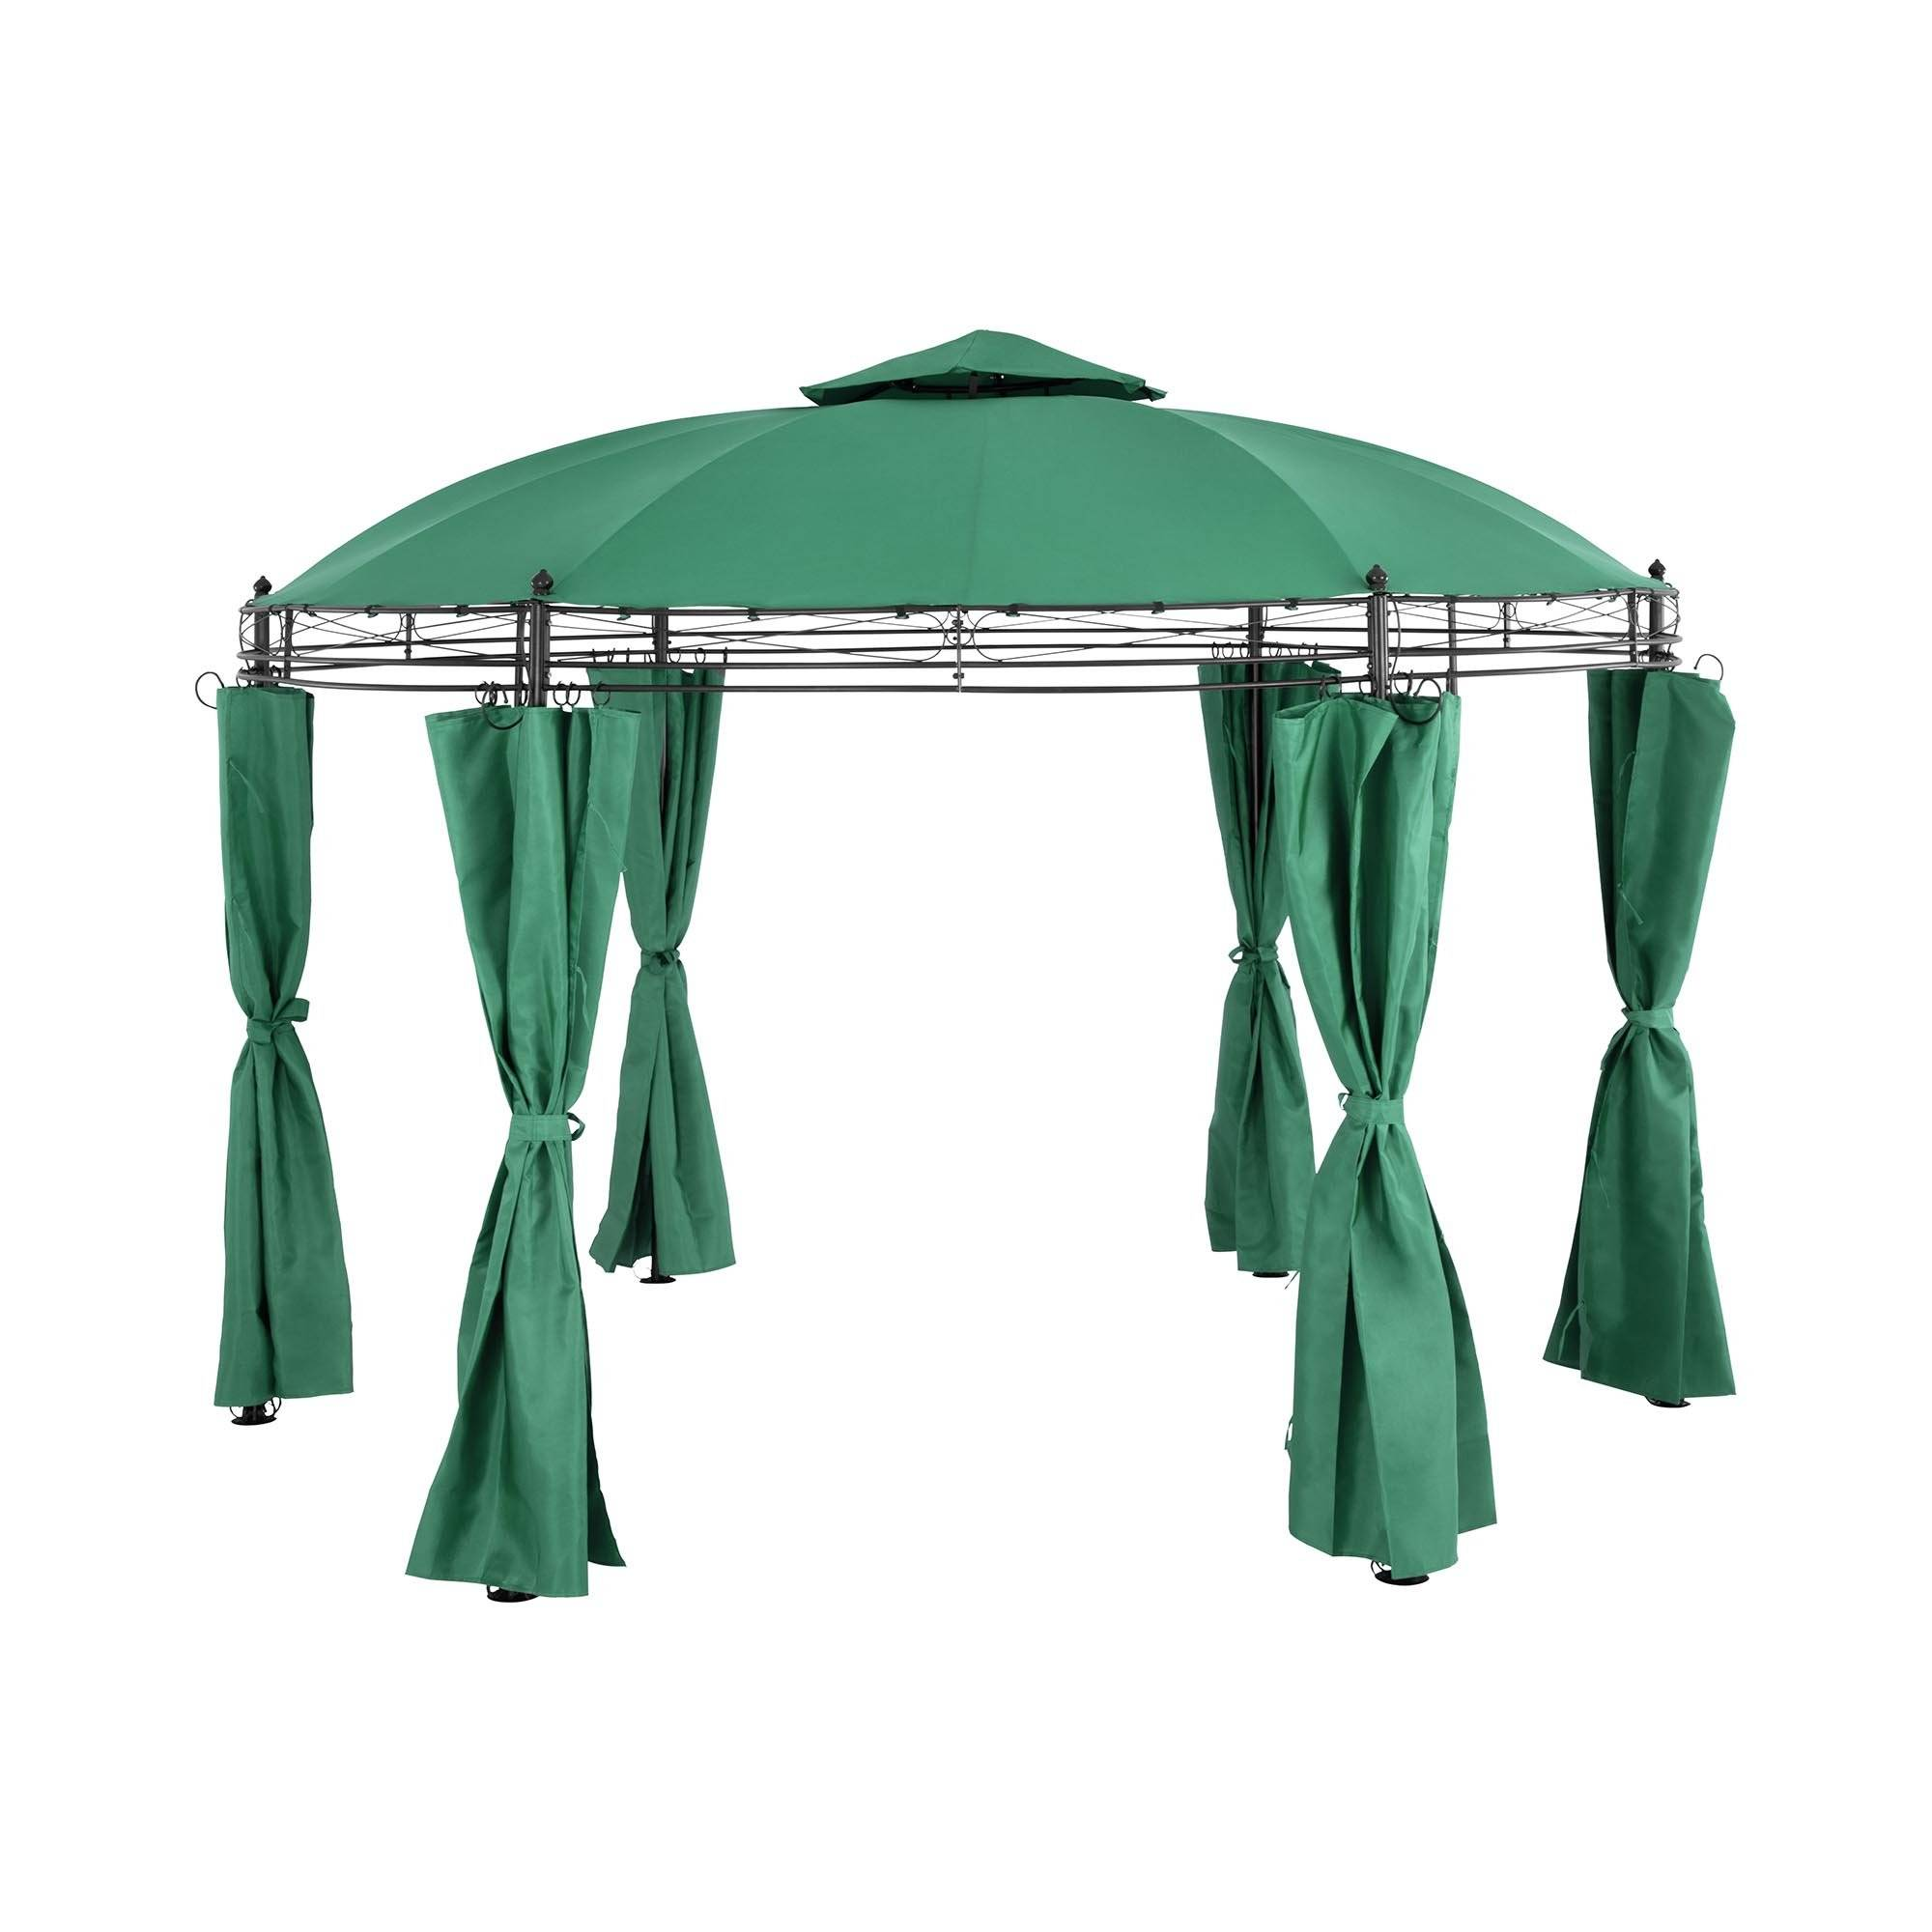 Uniprodo Rund gazebo - Ø 3.5 m - 180 g/m² - mørkegrønn 10250051